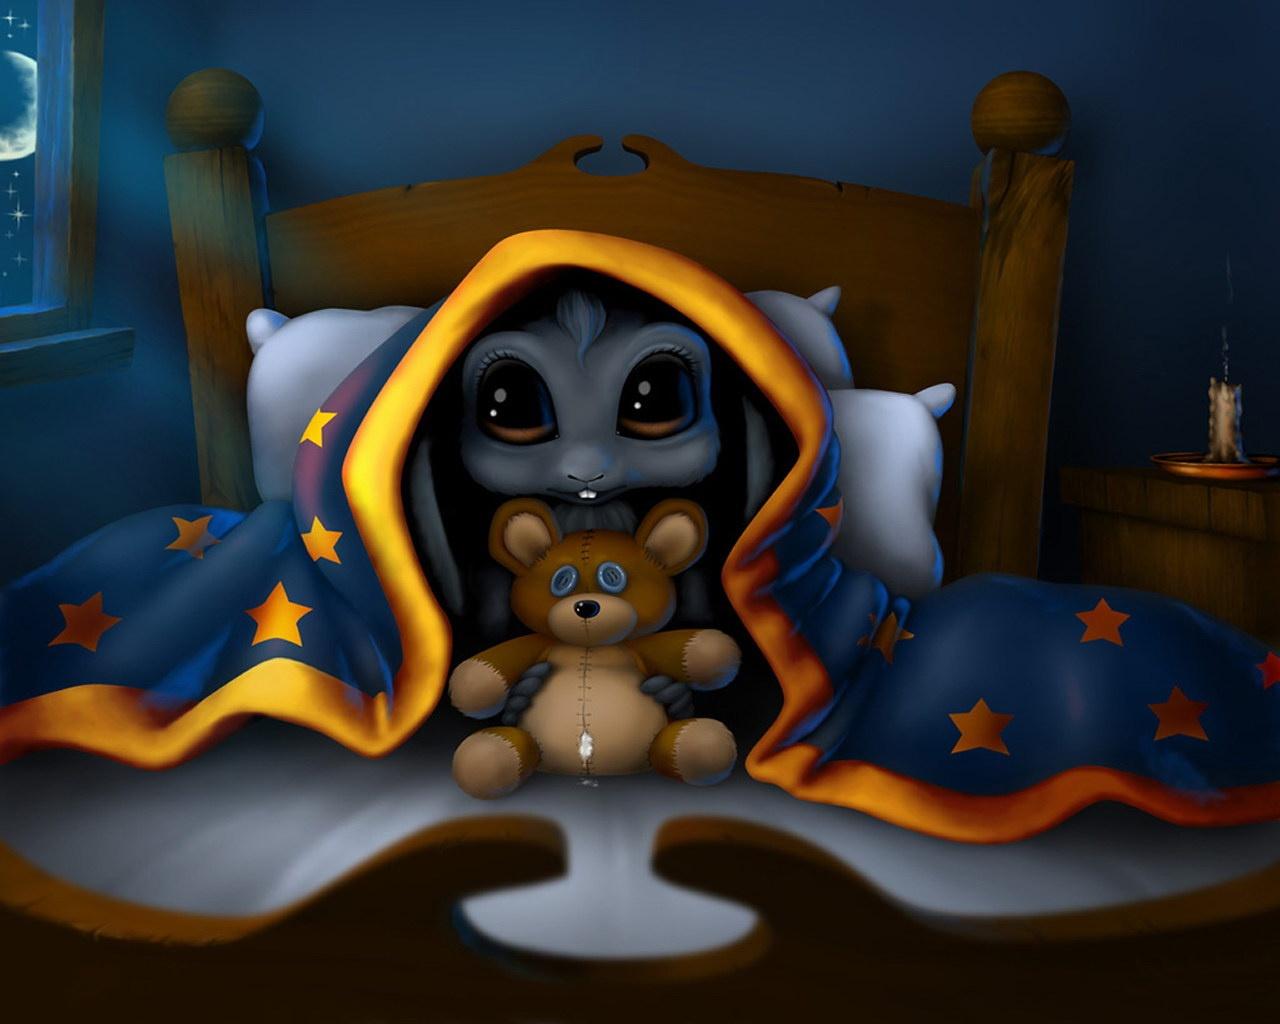 http://2.bp.blogspot.com/-okHjbGWKeSU/TlfIMIA9CQI/AAAAAAAAArg/xkIM_O8GdgY/s1600/Teddy%20Bear%20Wallpapers-32.jpg